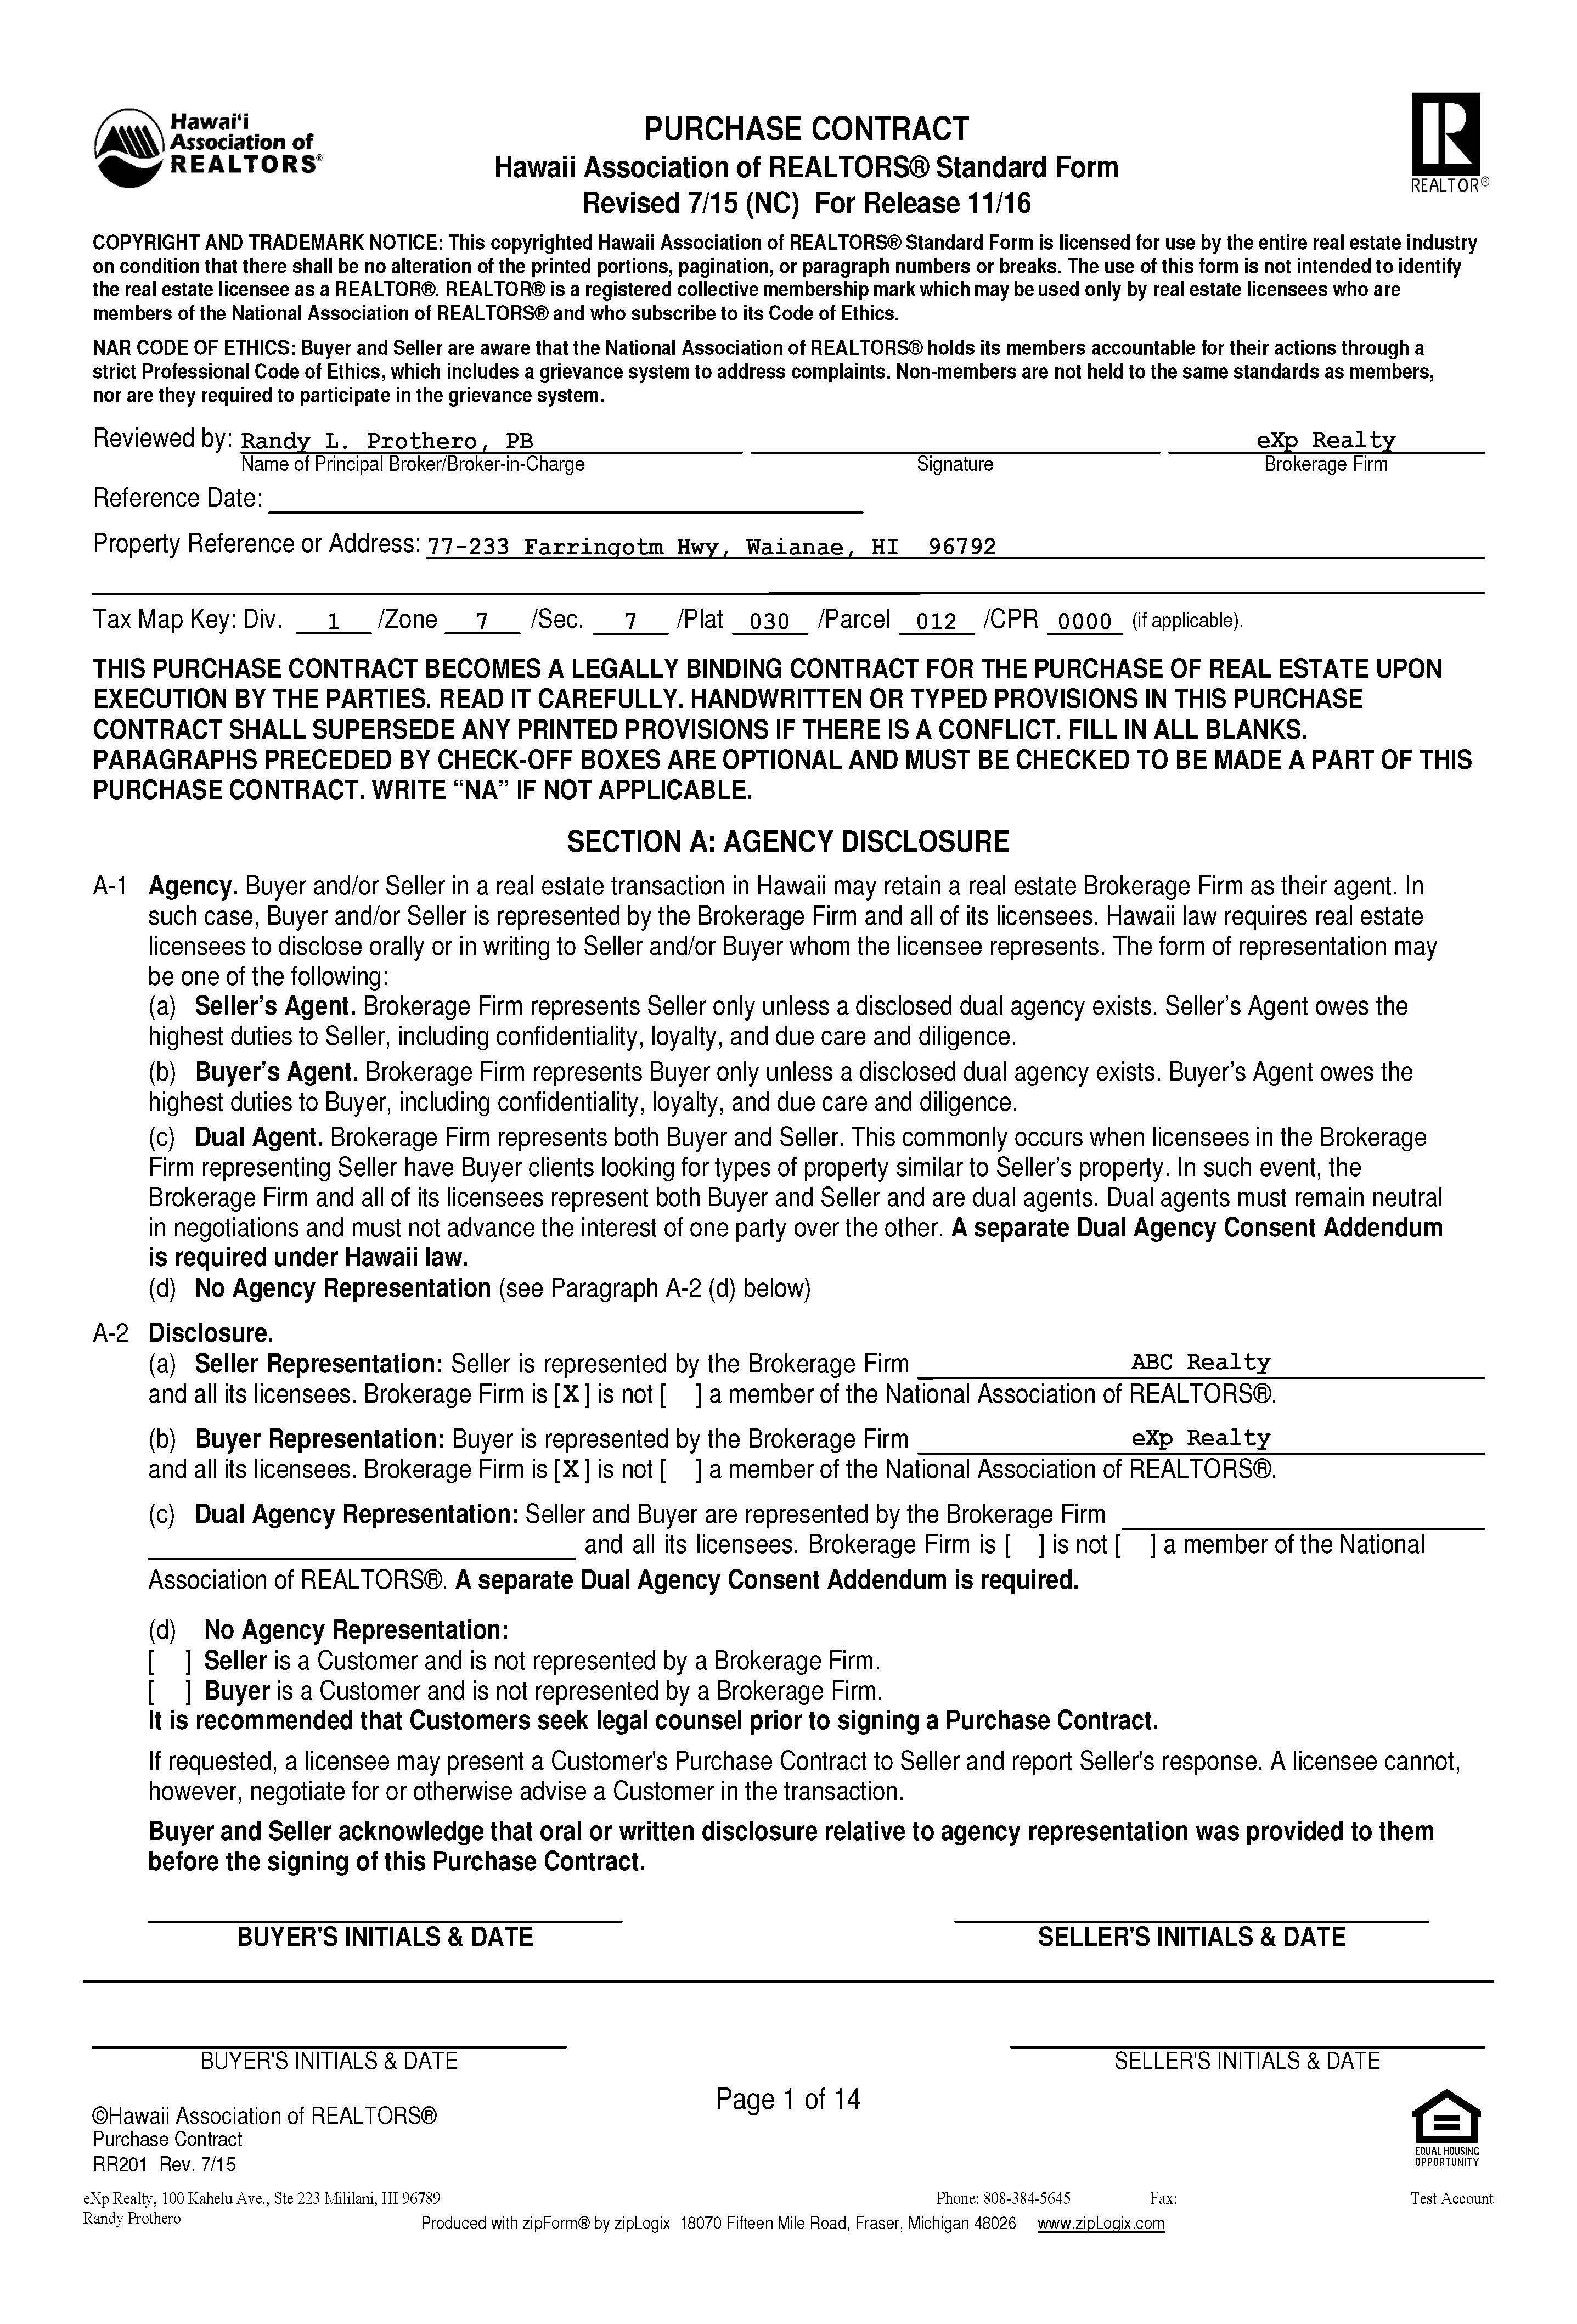 Hawaii Association Of Realtors Standard Form Nurufunicaasl